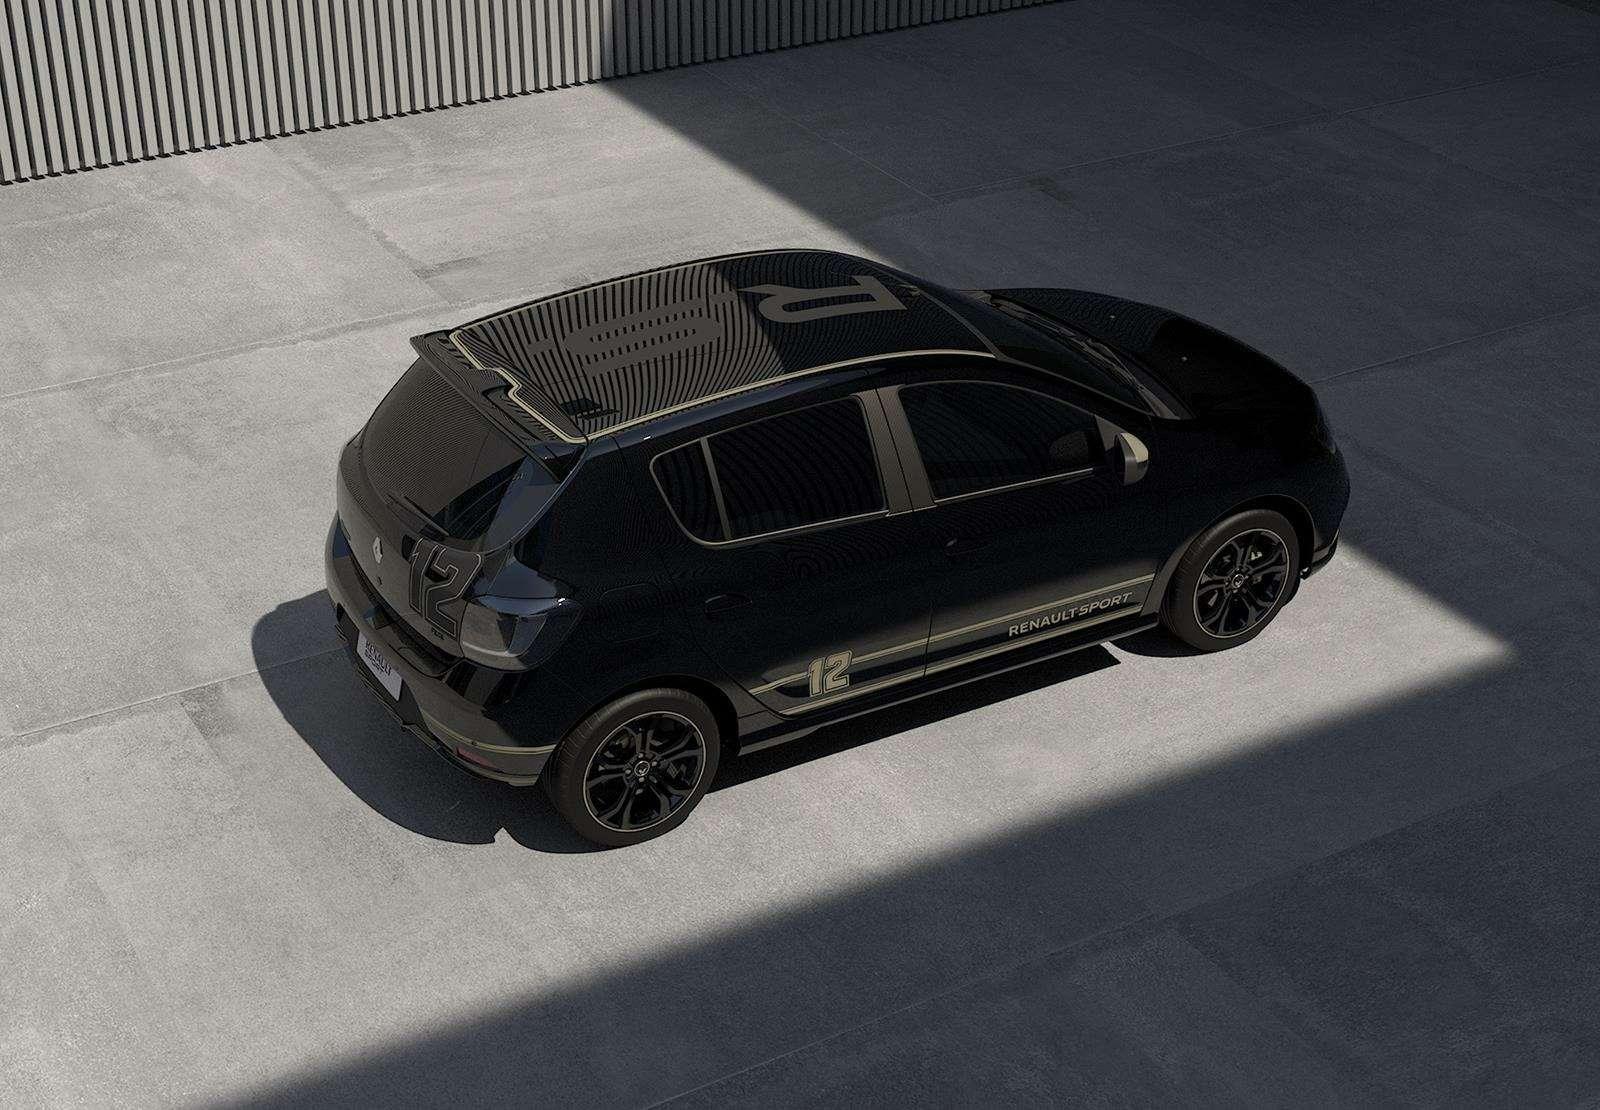 Sandero мечты: Renault представила спецверсию бестселлера— фото 661444